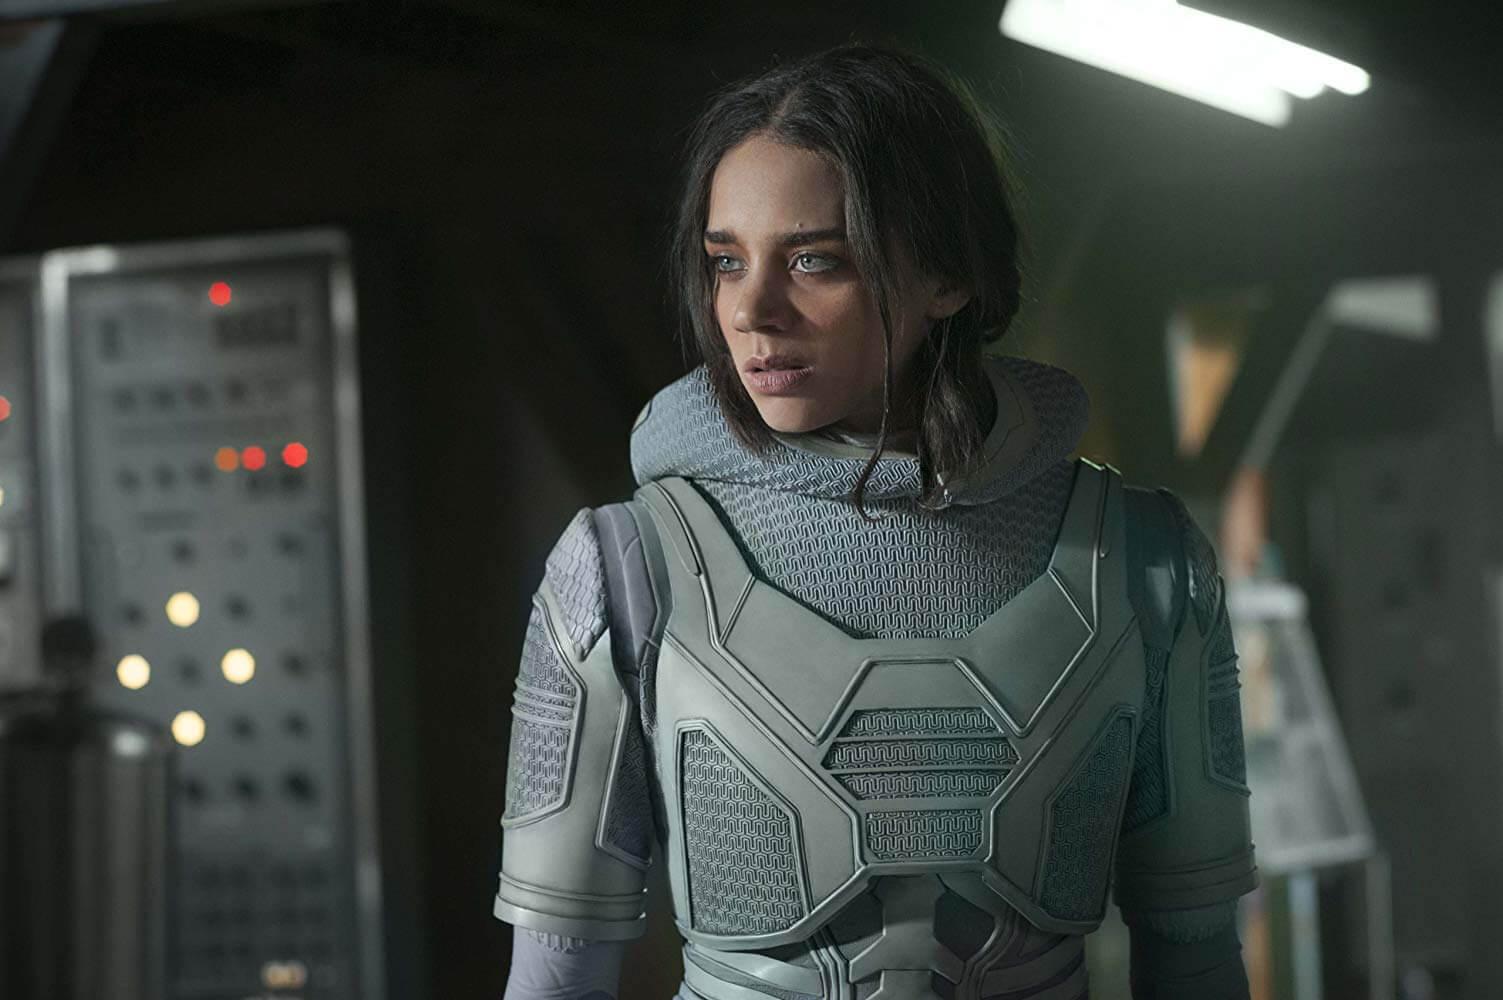 《 蟻人與黃蜂女 》中, 漢娜約翰卡門 (Hannah John-Kamen) 飾演反派「 幽靈 」。